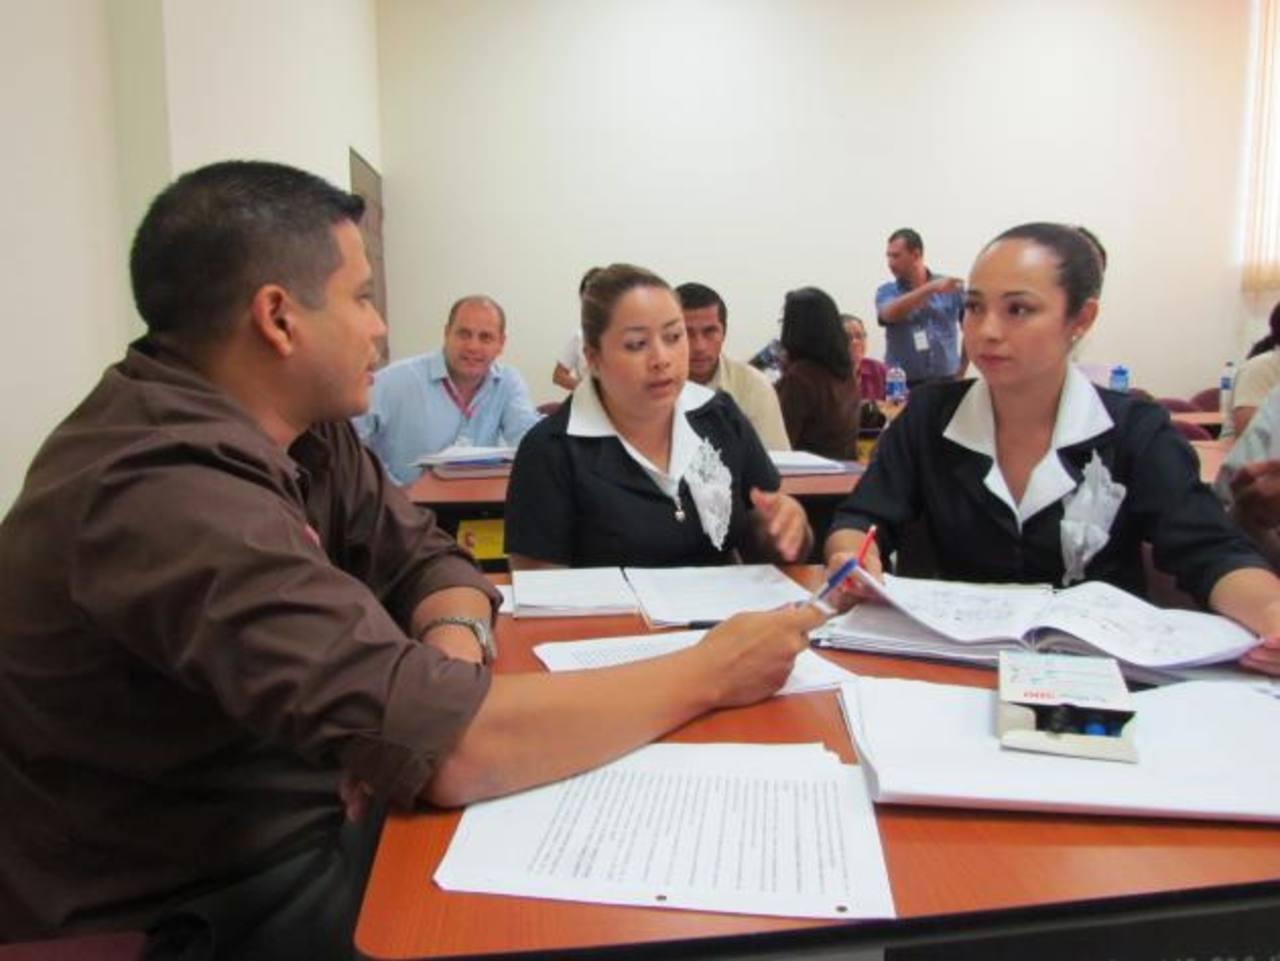 El personal de Salud tendrá que replicar lo aprendido durante la capacitación. Foto edh / MAURICIO GUEVARA